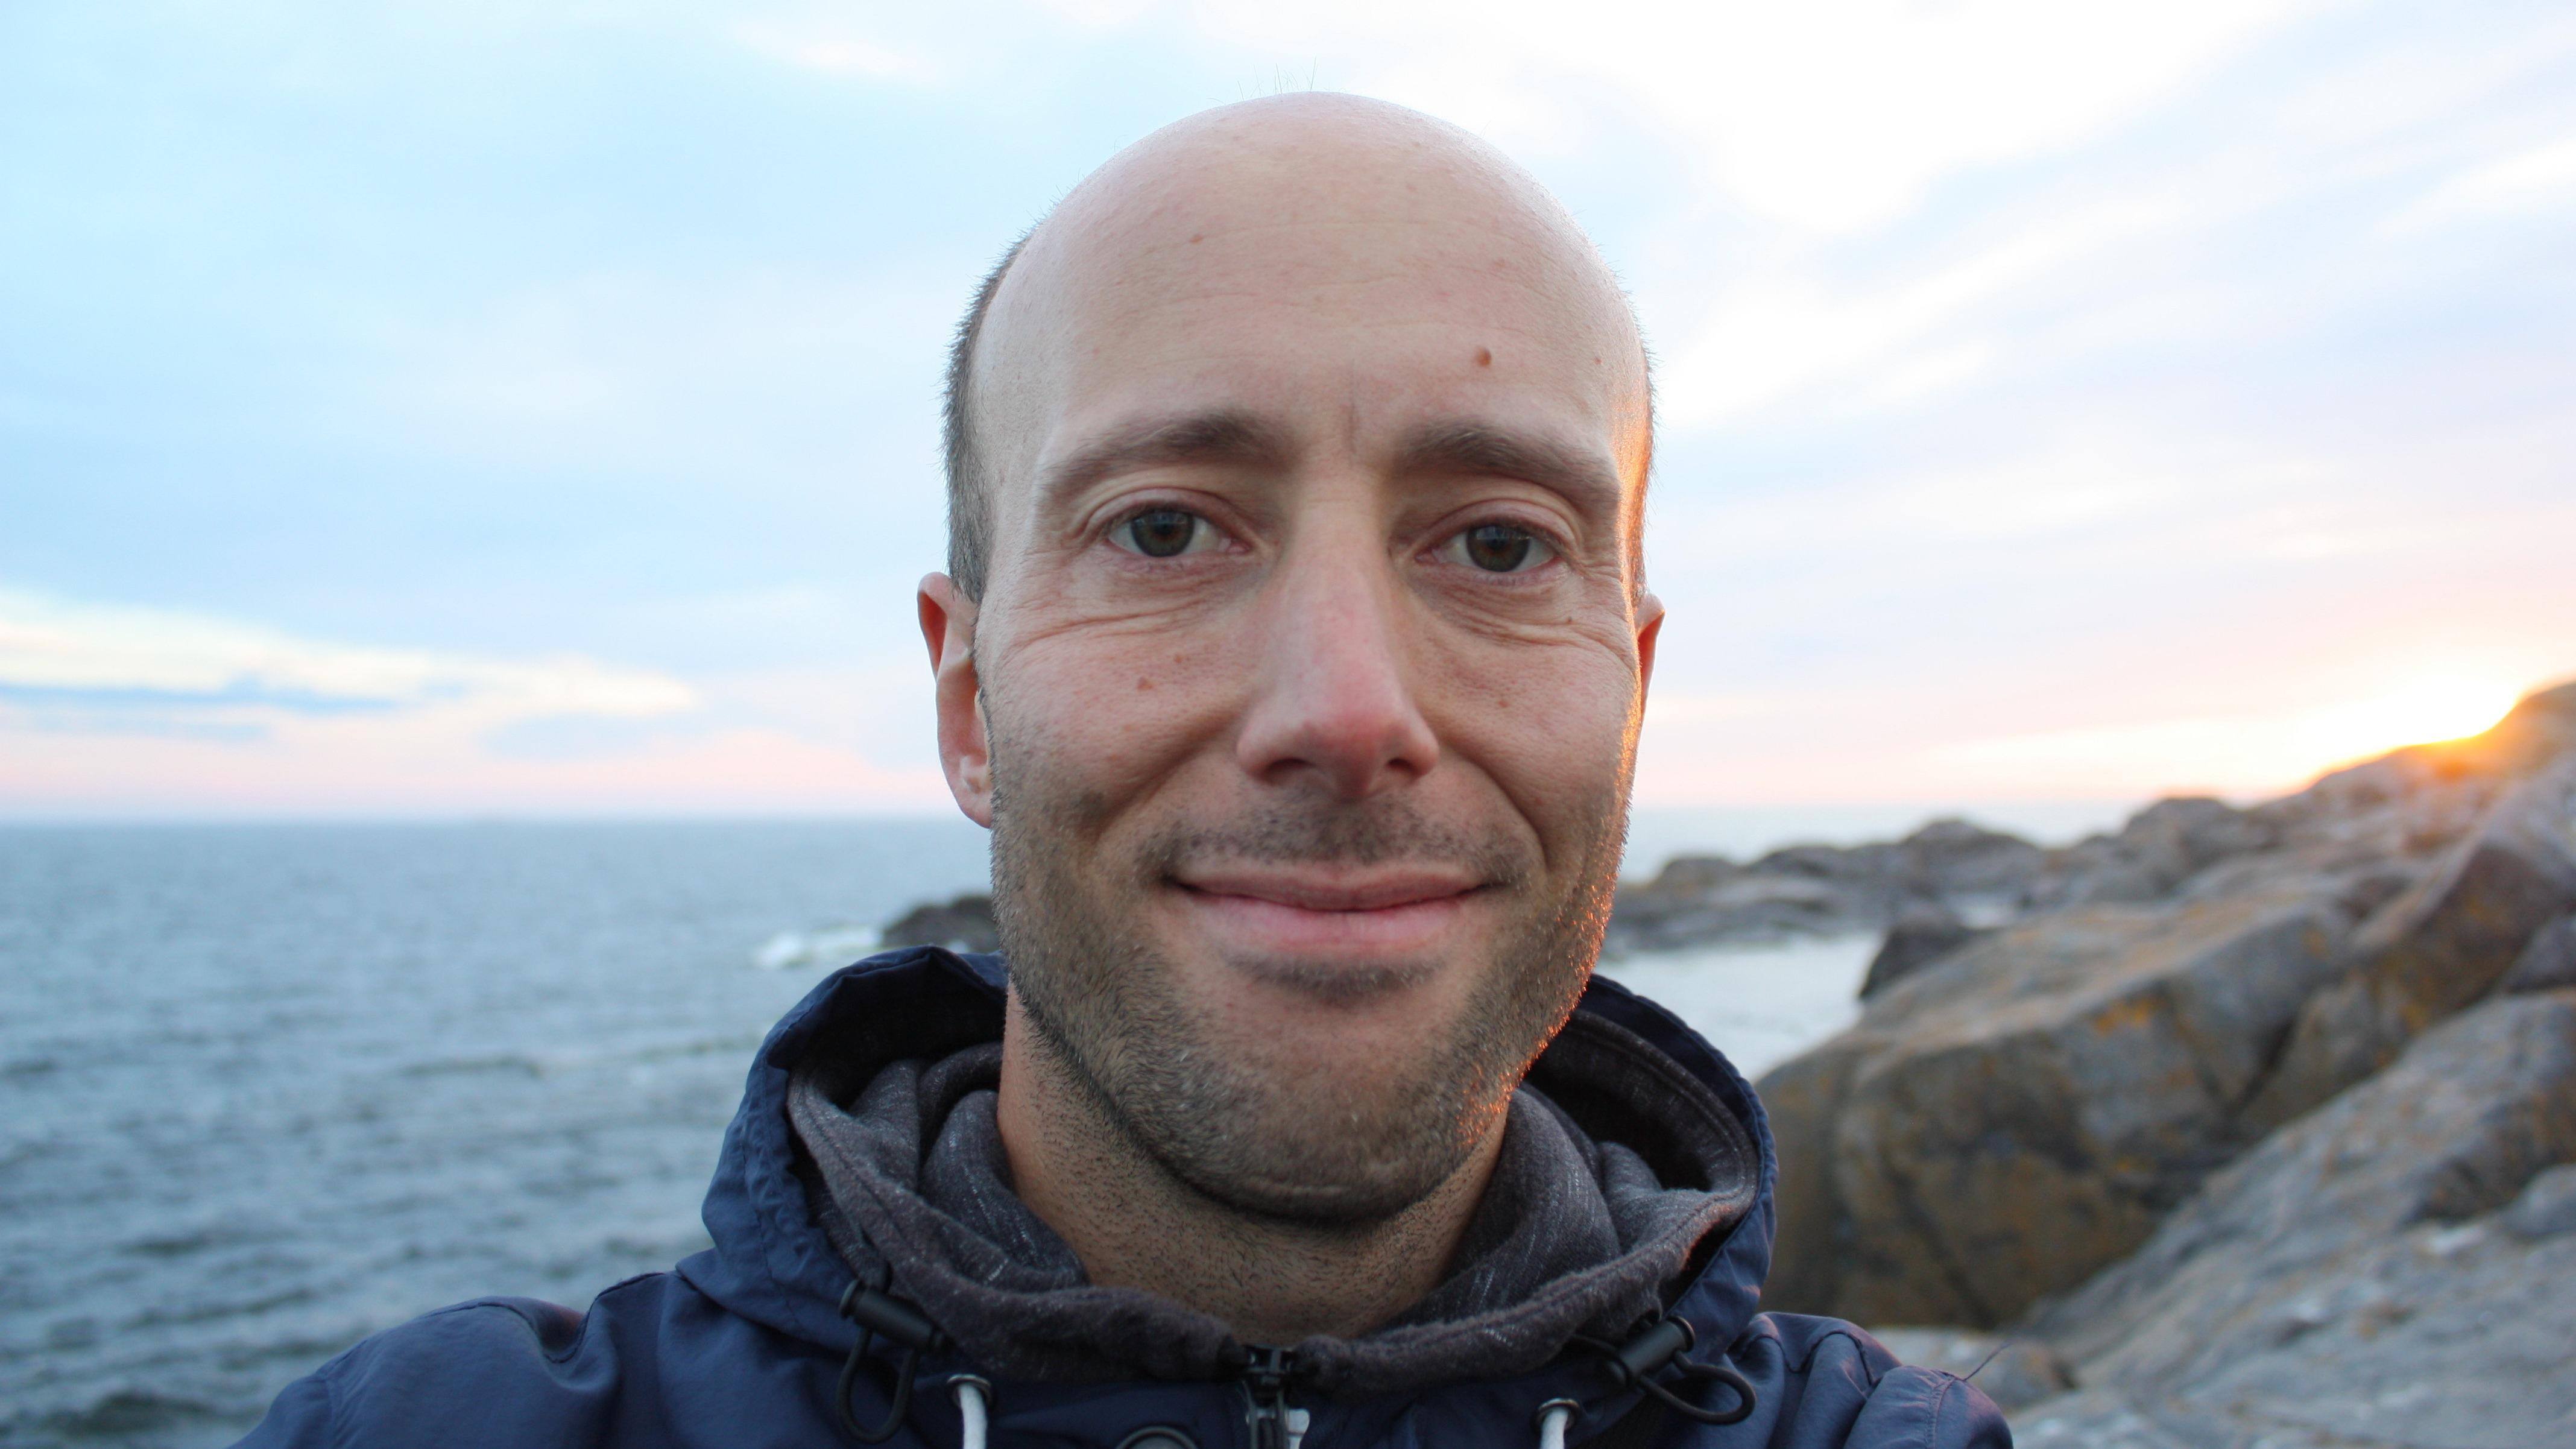 Erik från Teknik i fokus inspirerar med sin passion för teknik